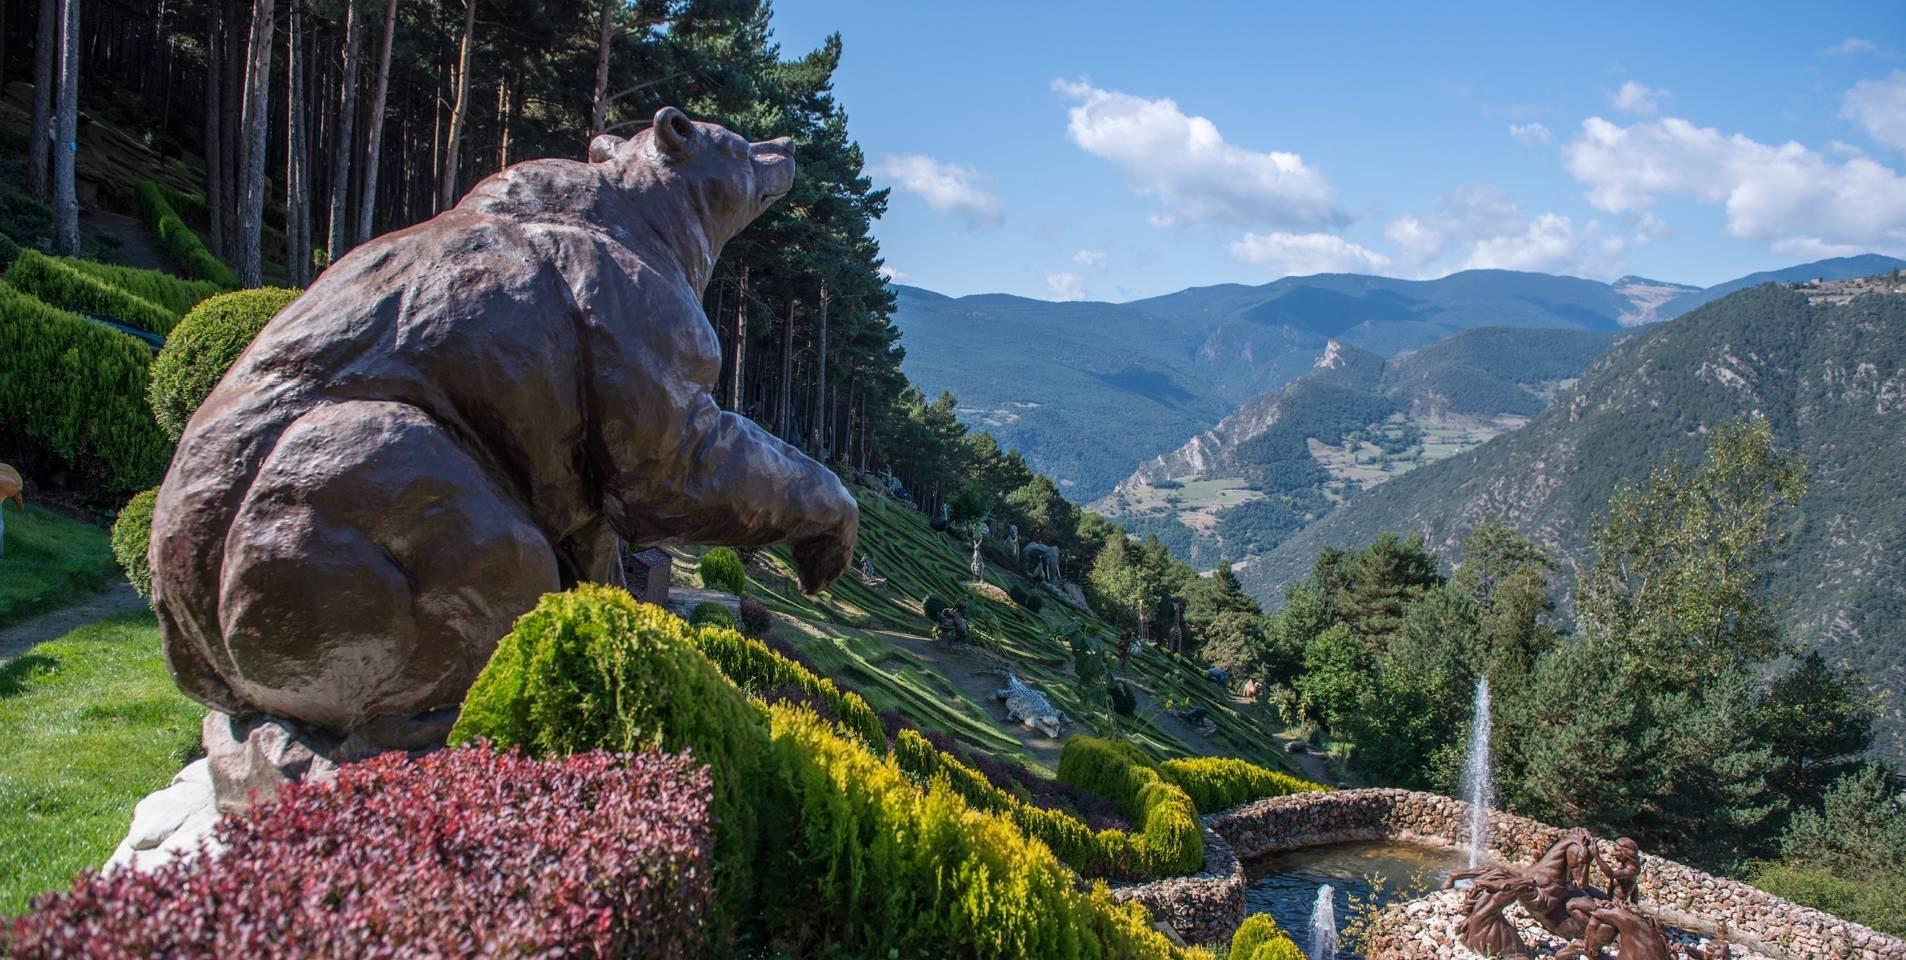 escultura de oso en los jardines contemporáneos de Juberri